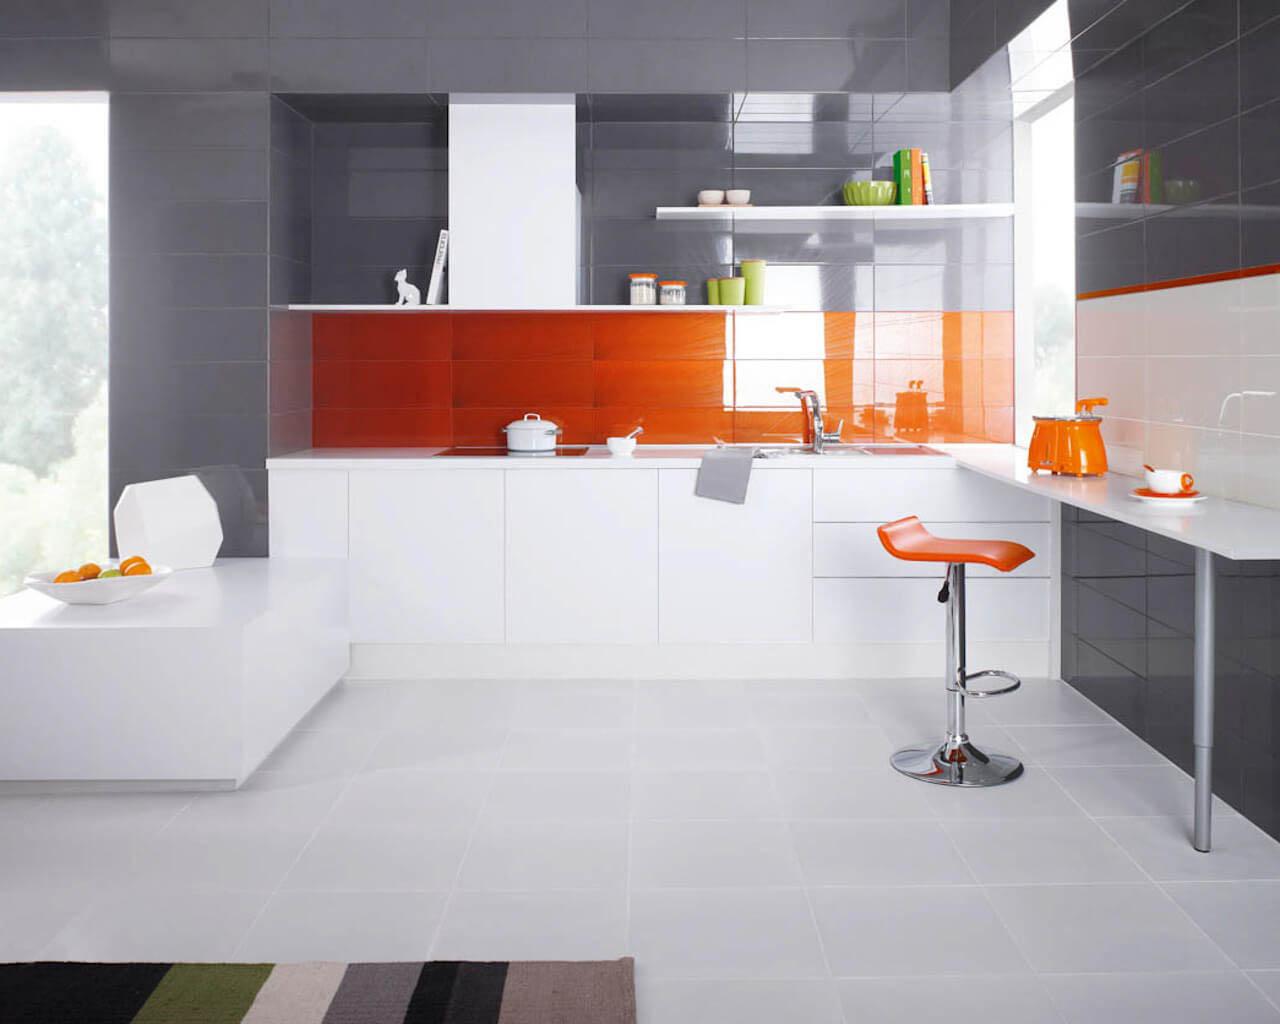 Szarość, biel i oranż w dużej, nowoczesnej kuchni